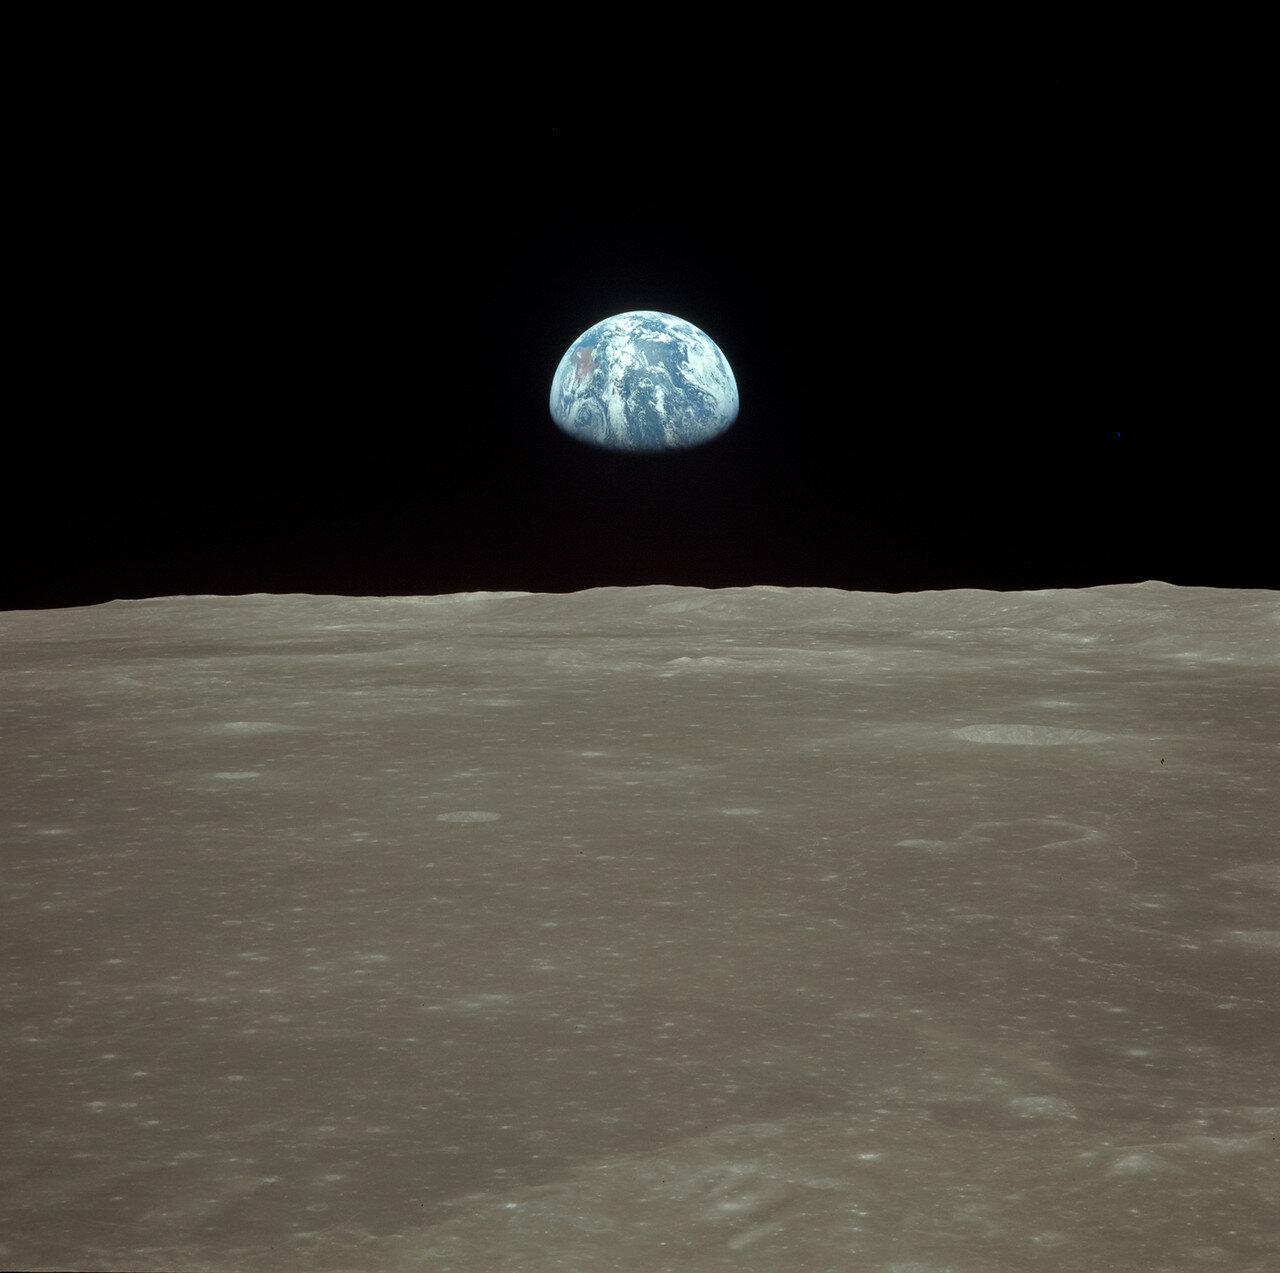 Коллинз 7-секундным включением двигателей системы ориентации отвёл «Колумбию» на безопасное расстояние (в радиопереговорах ЦУП снова перешёл на позывные «Аполлон-11»)